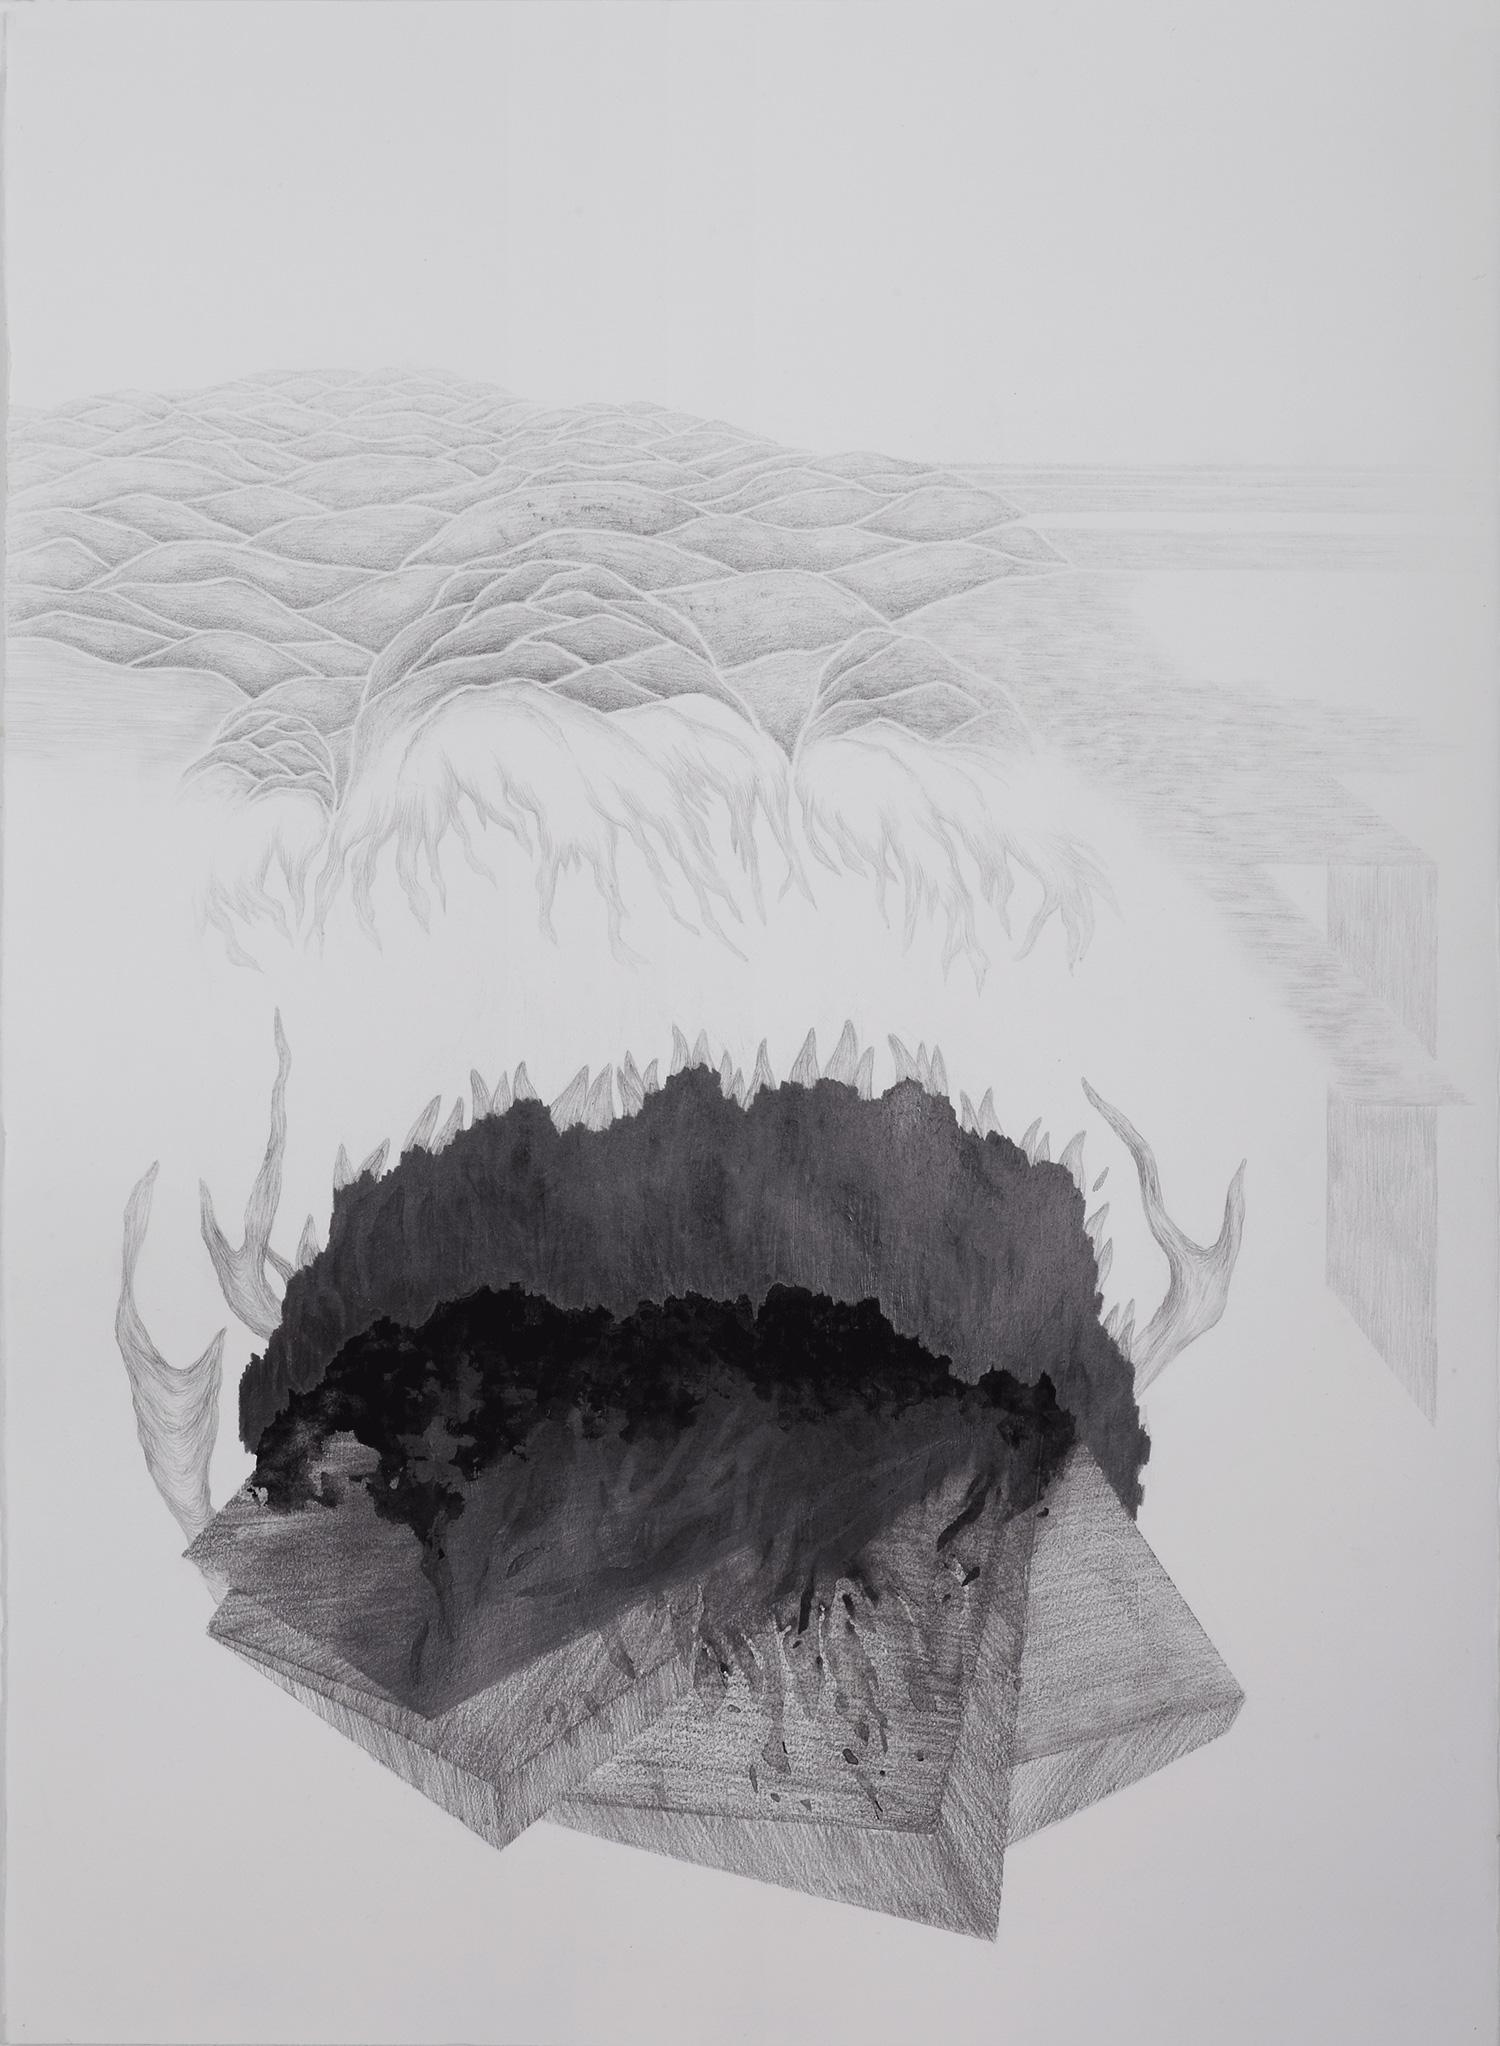 <i>La dune des bois</i>, 2014, graphite et gouache, 80x60cm